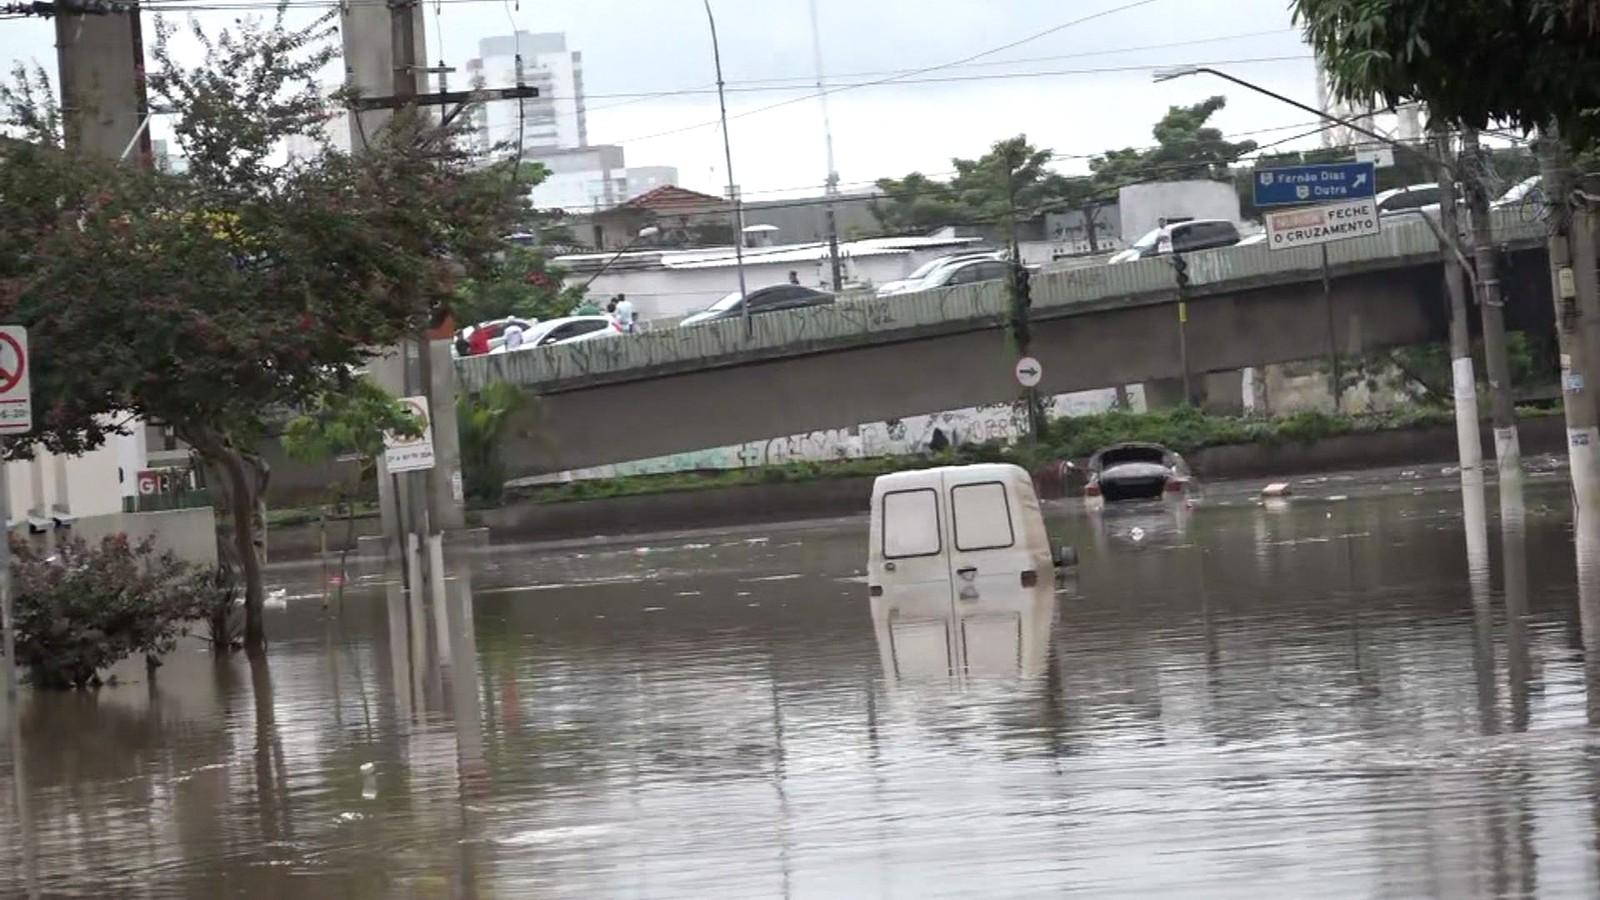 Carro fica imerso em avenida da região do Ipiranga, em São Paulo — Foto: Reprodução/TV Globo